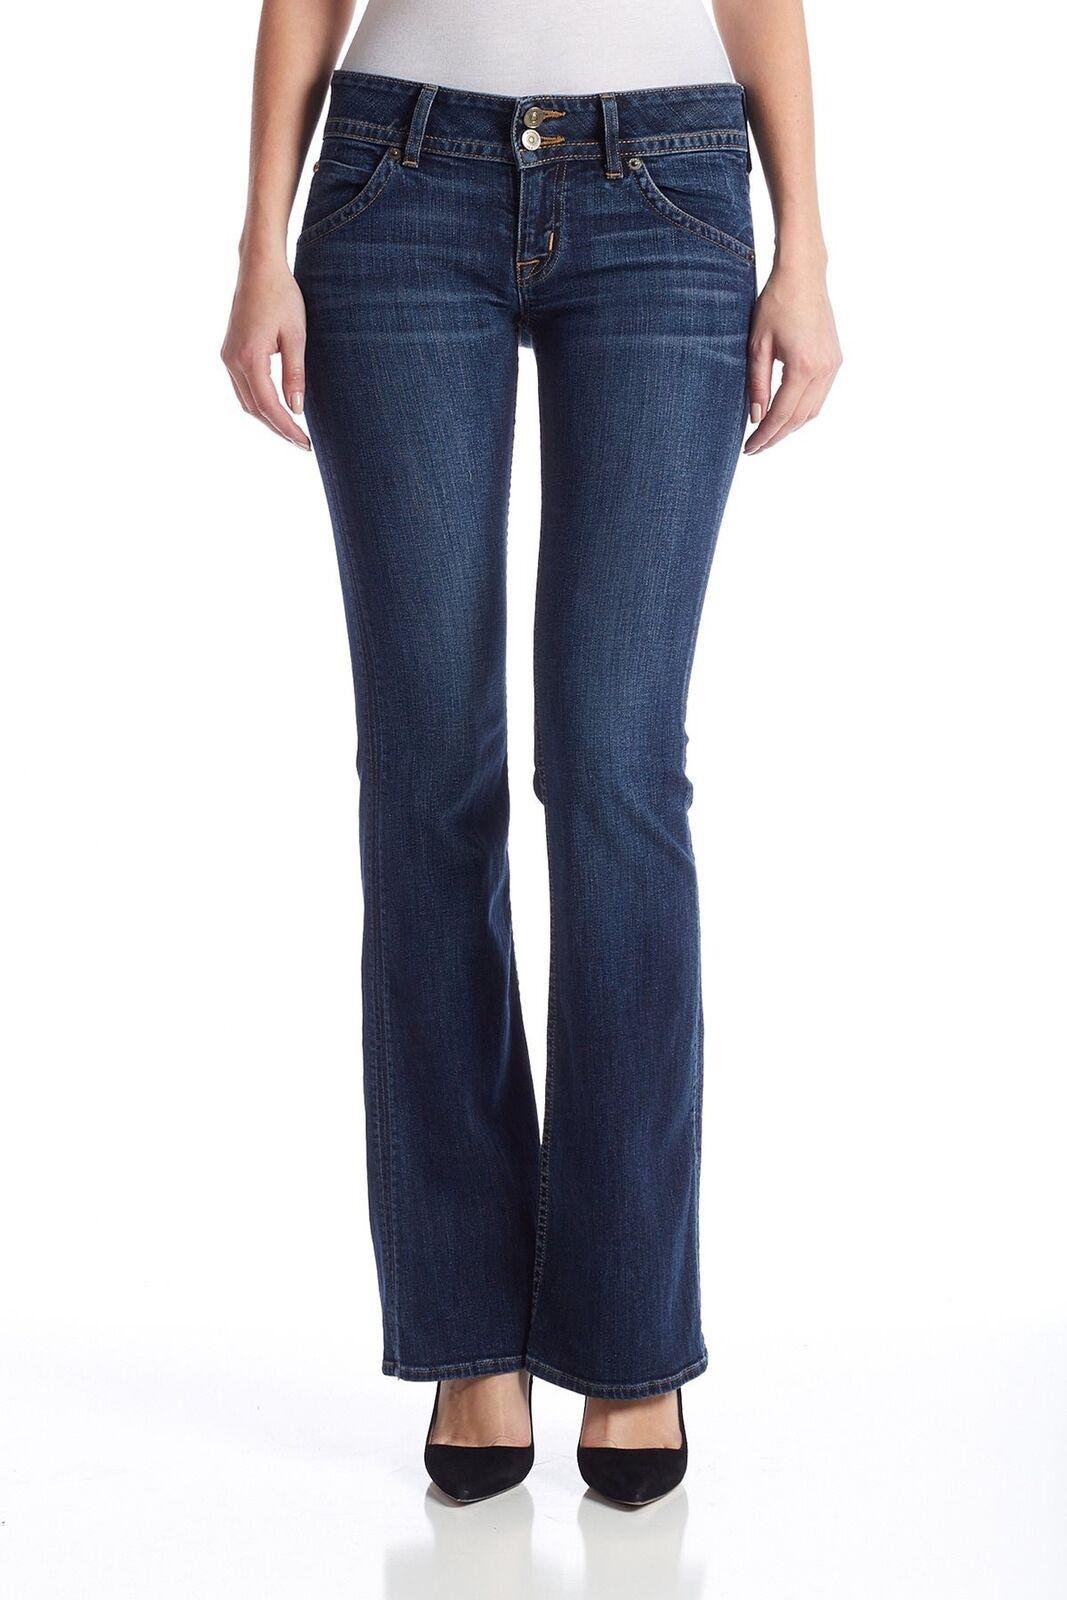 Hudson Women's Size 26 Eva Signature Bootcut bluee Jeans Cotton Blend Pants HF21